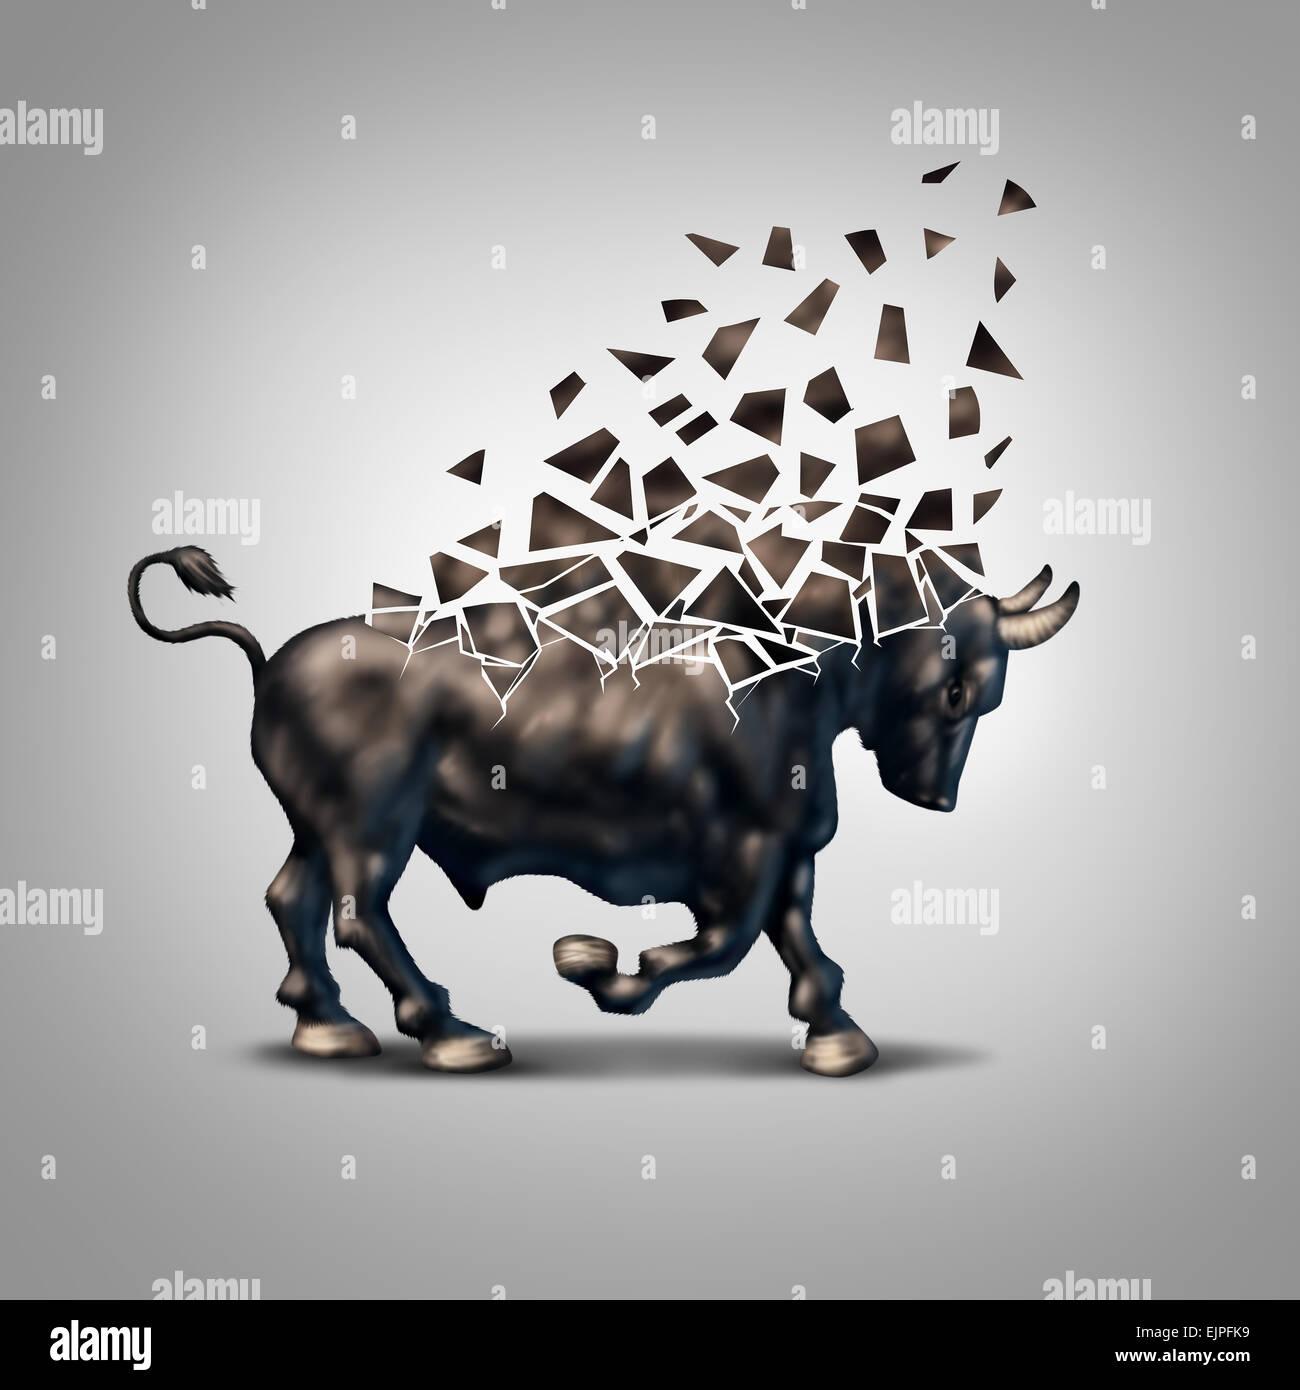 Fragile bull mercato crisi finanziaria nozione come un simbolo economico per una frantumazione previsioni positive Immagini Stock